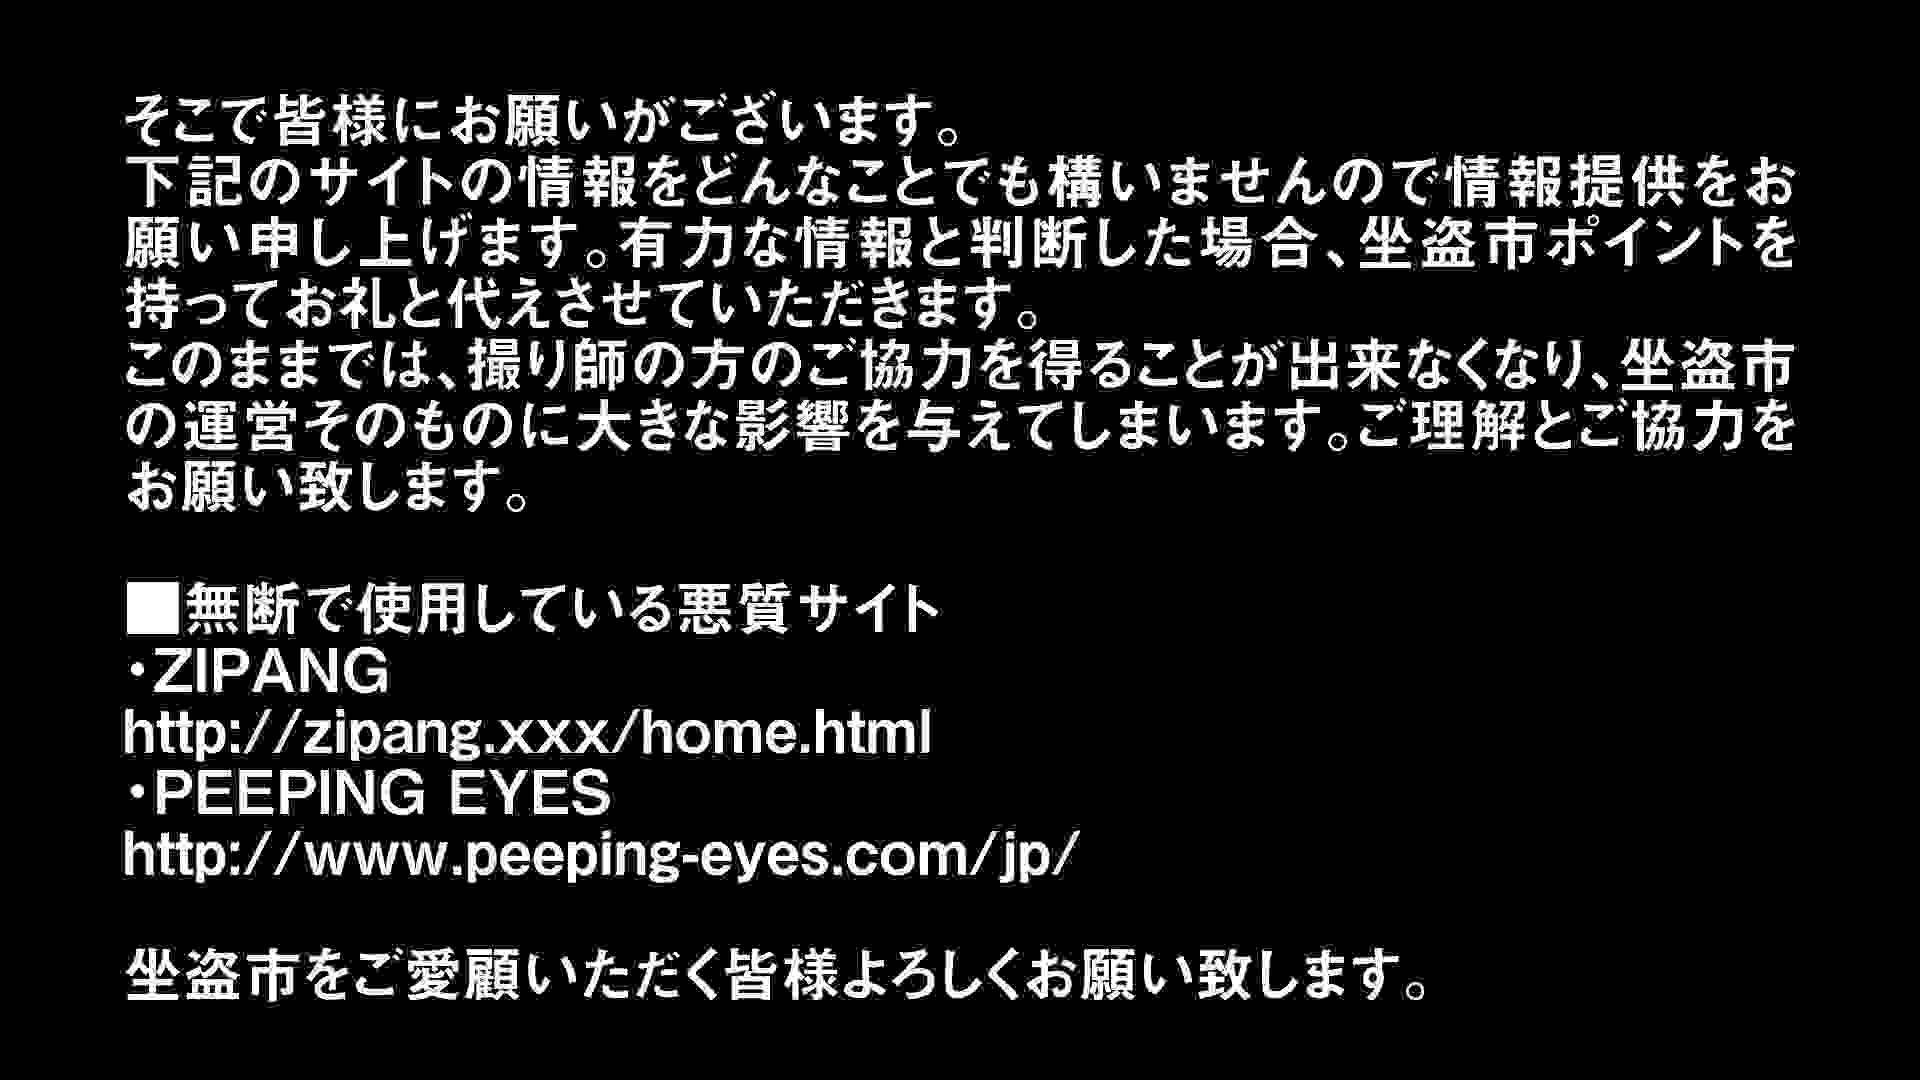 Aquaな露天風呂Vol.301 盗撮動画  9枚 6